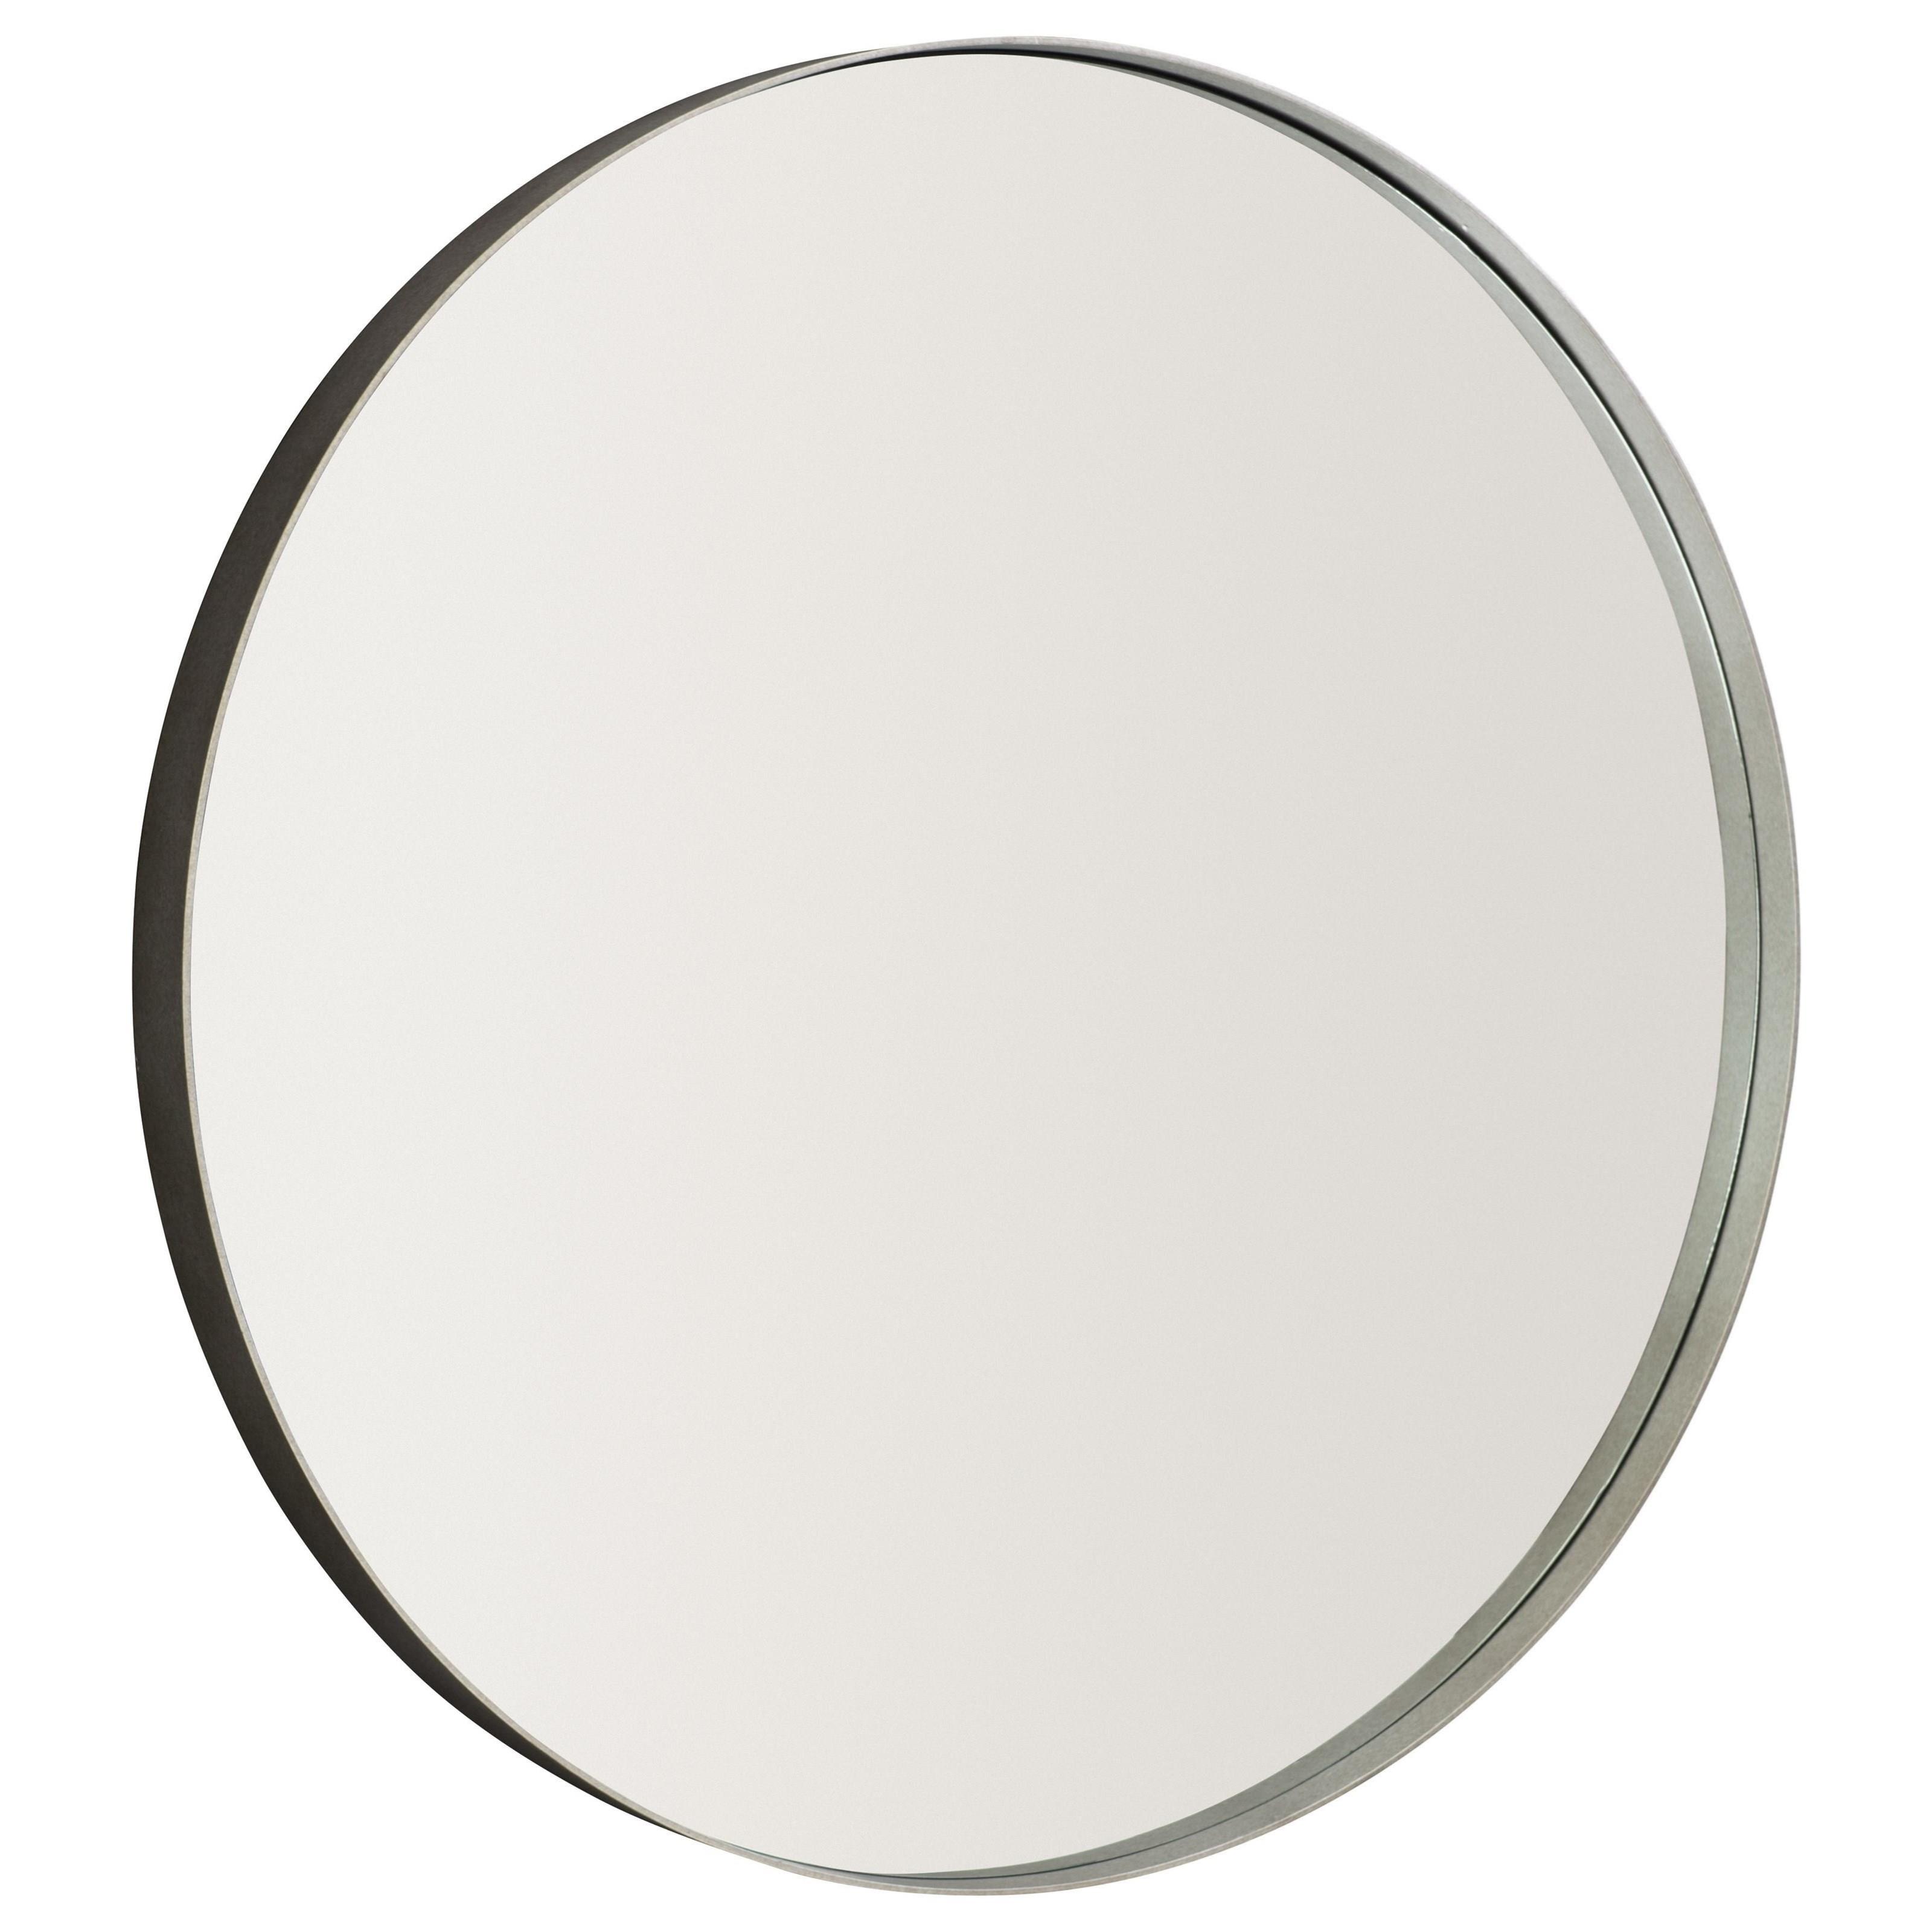 Loft - Logan Square Oakley Round Metal Mirror by Bernhardt at Baer's Furniture